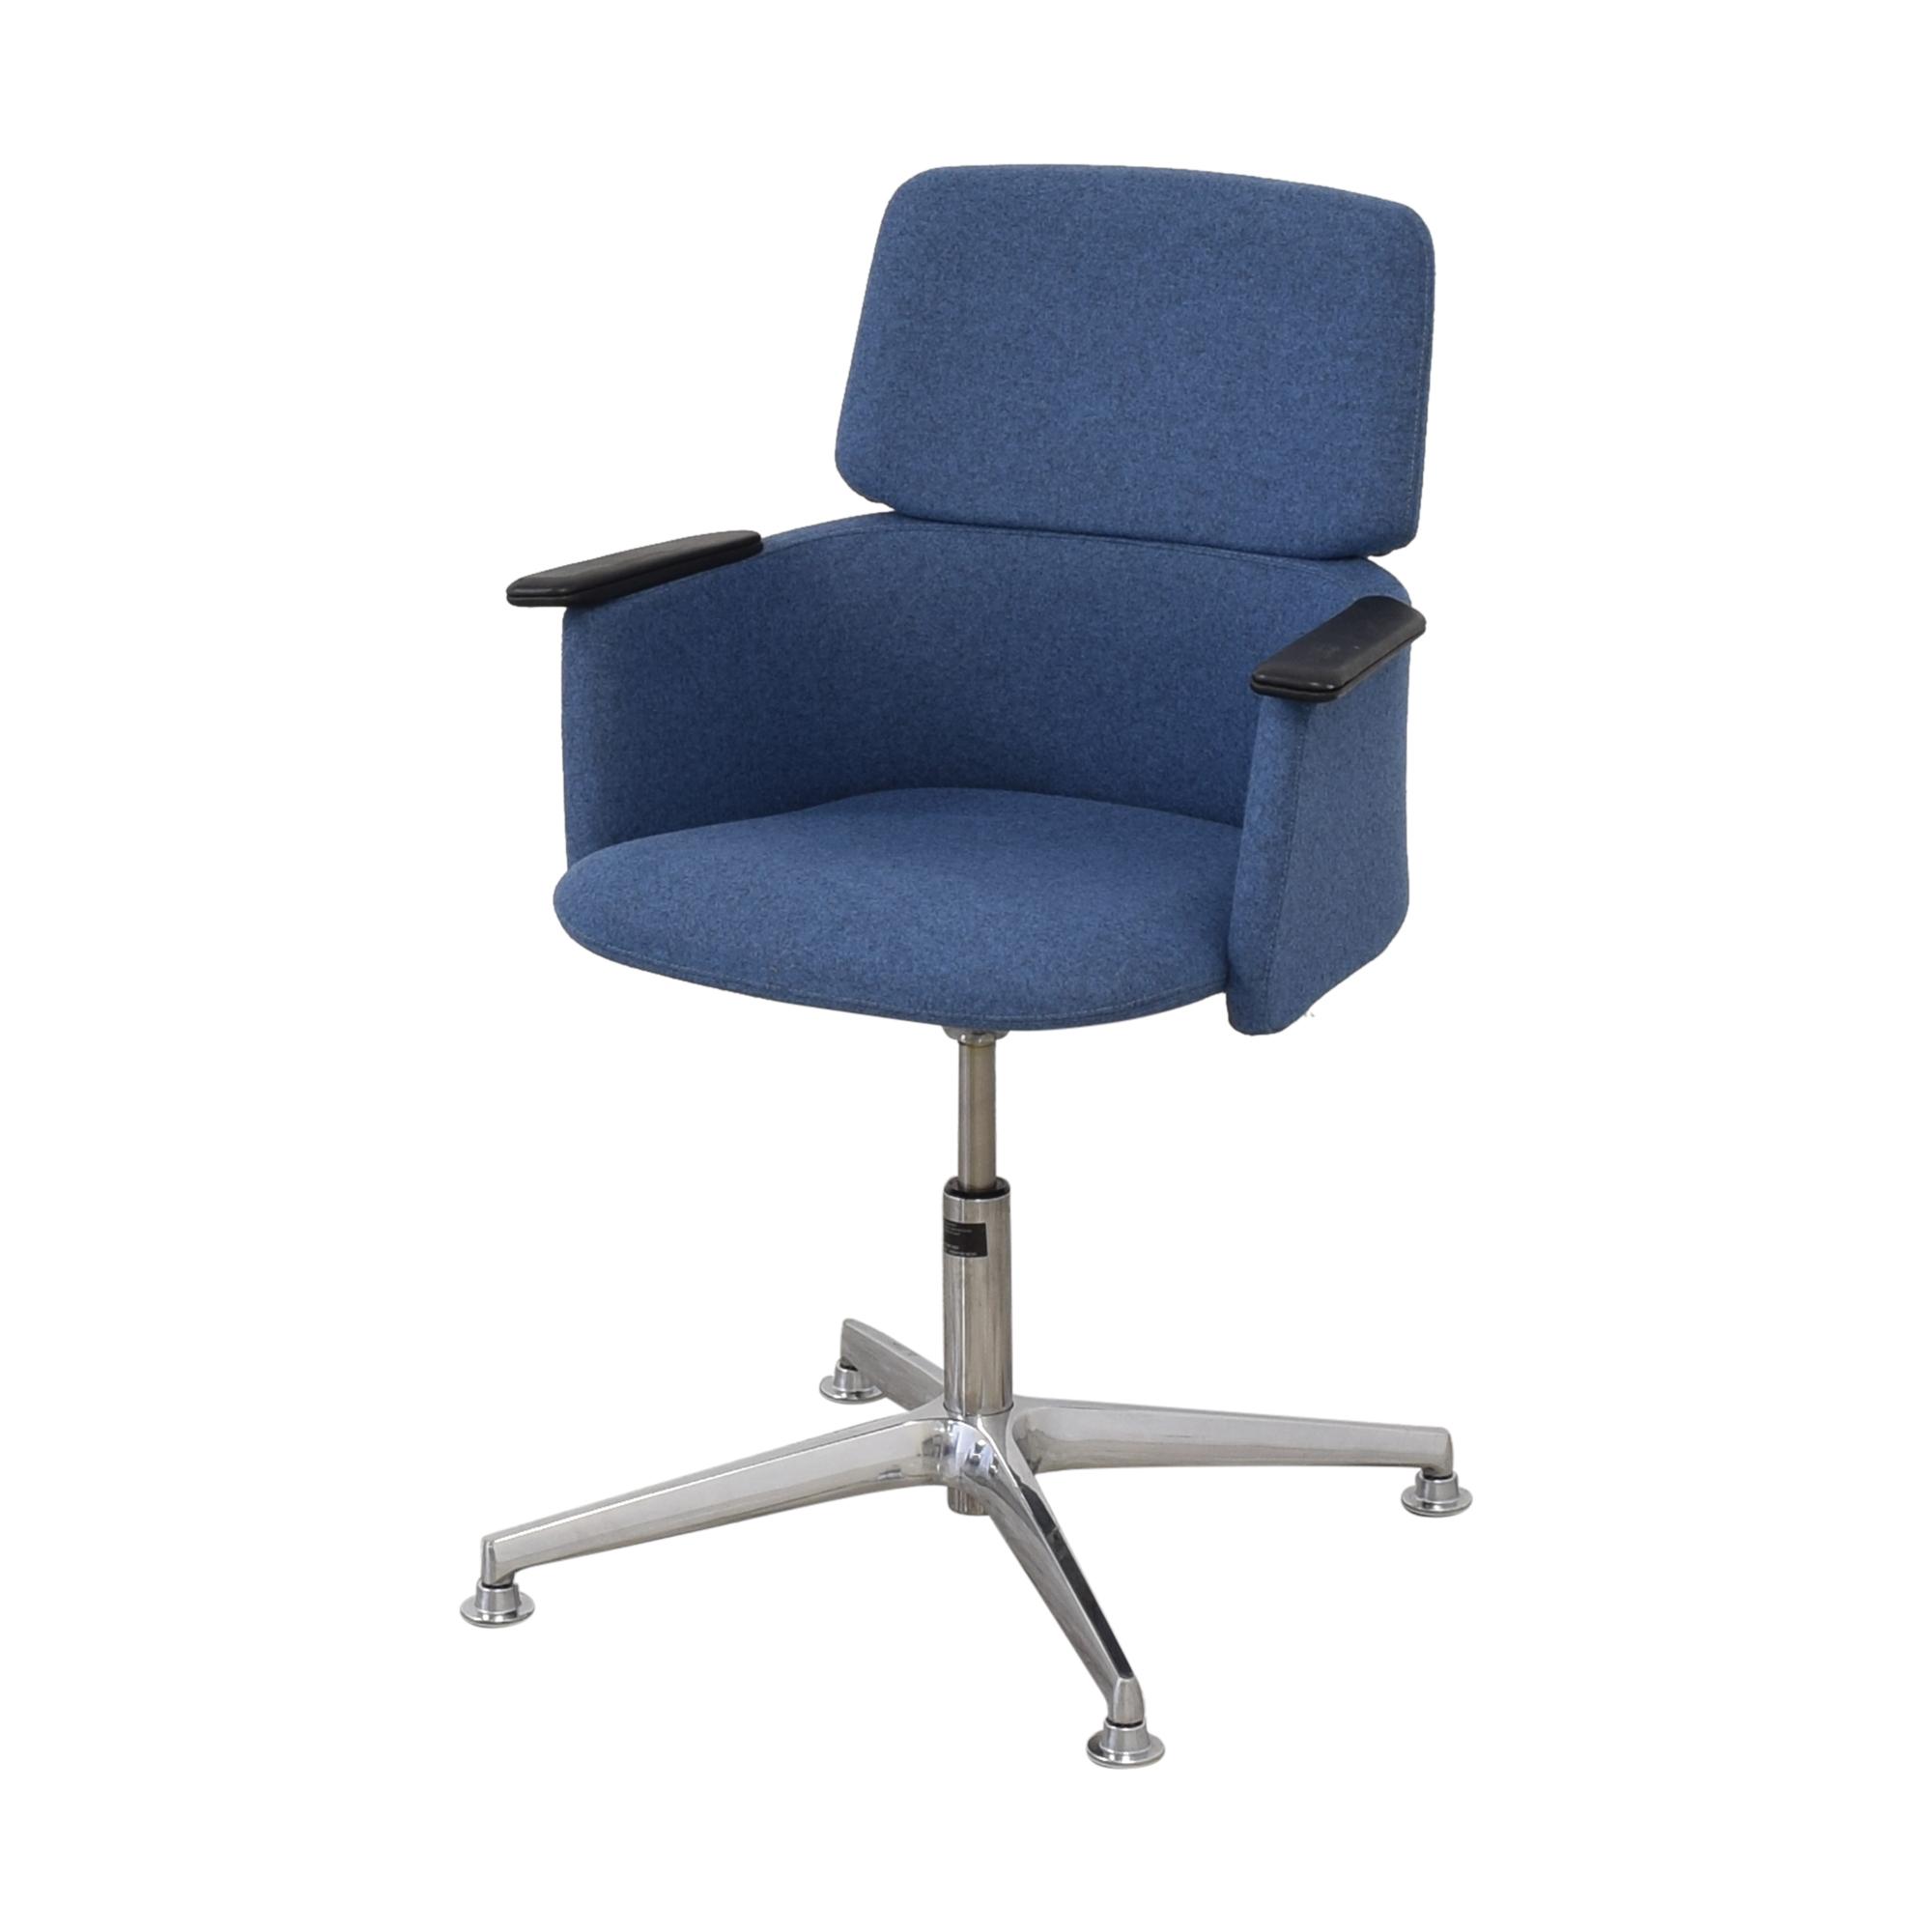 Koleksiyon Koleksiyon Tola Visitor Chair for sale